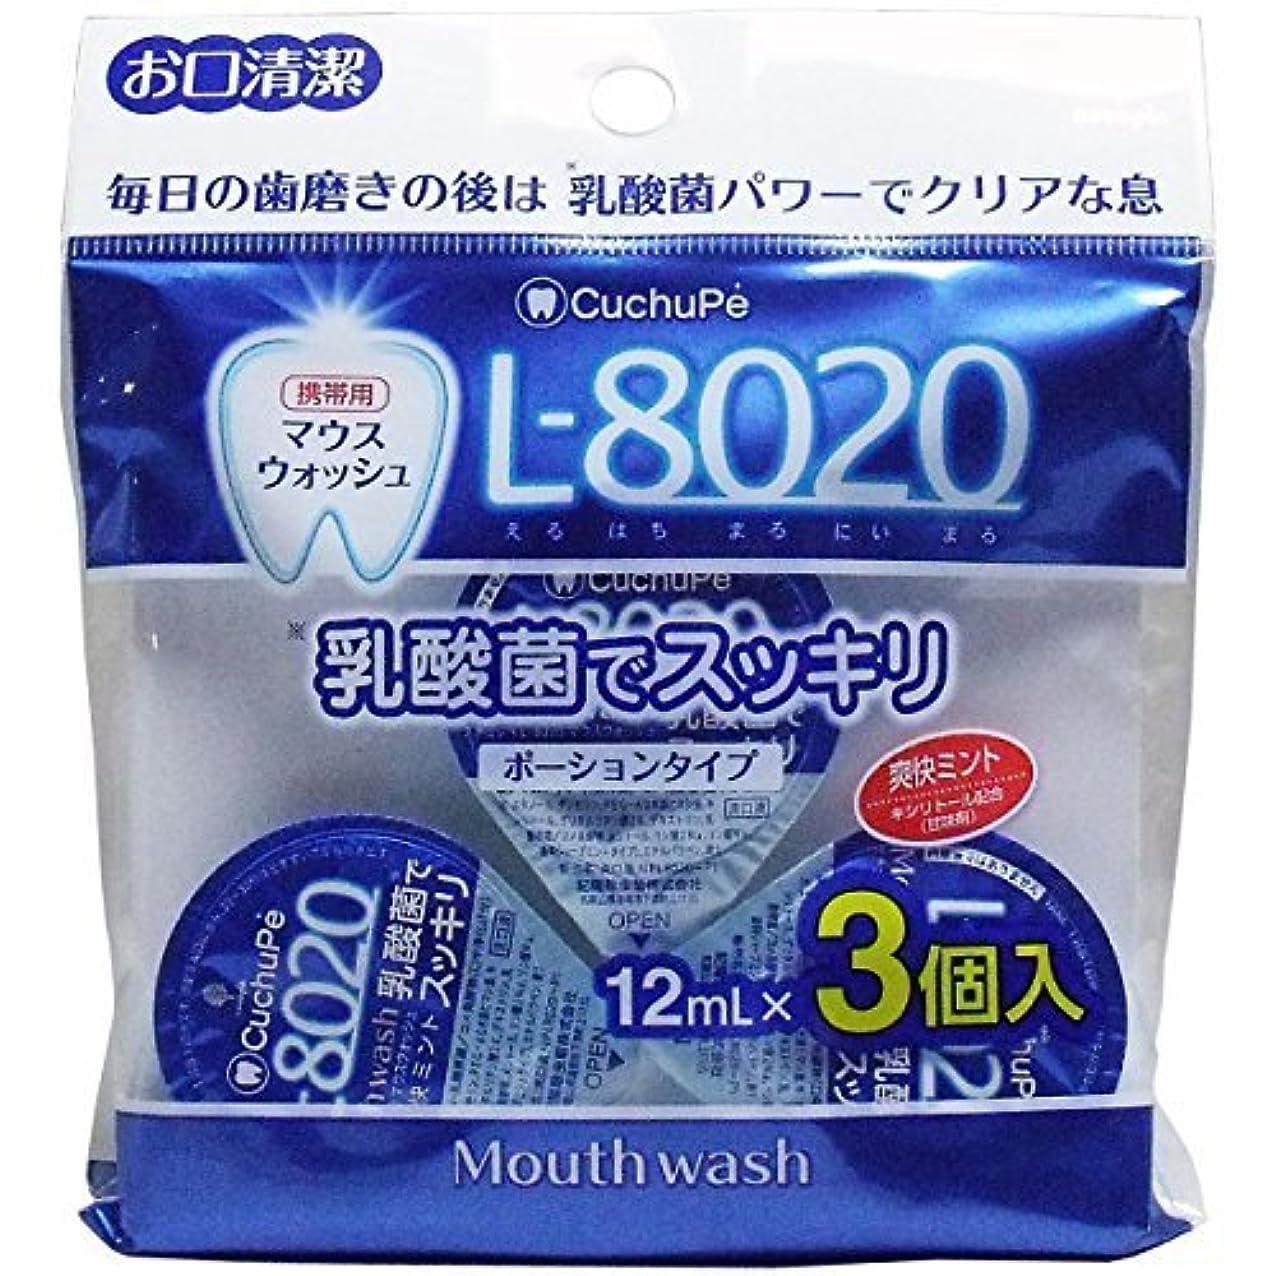 モナリザ全部スパンクチュッペ L-8020 乳酸菌マウスウォッシュ 携帯用ポーションタイプ 爽快ミント 3個入